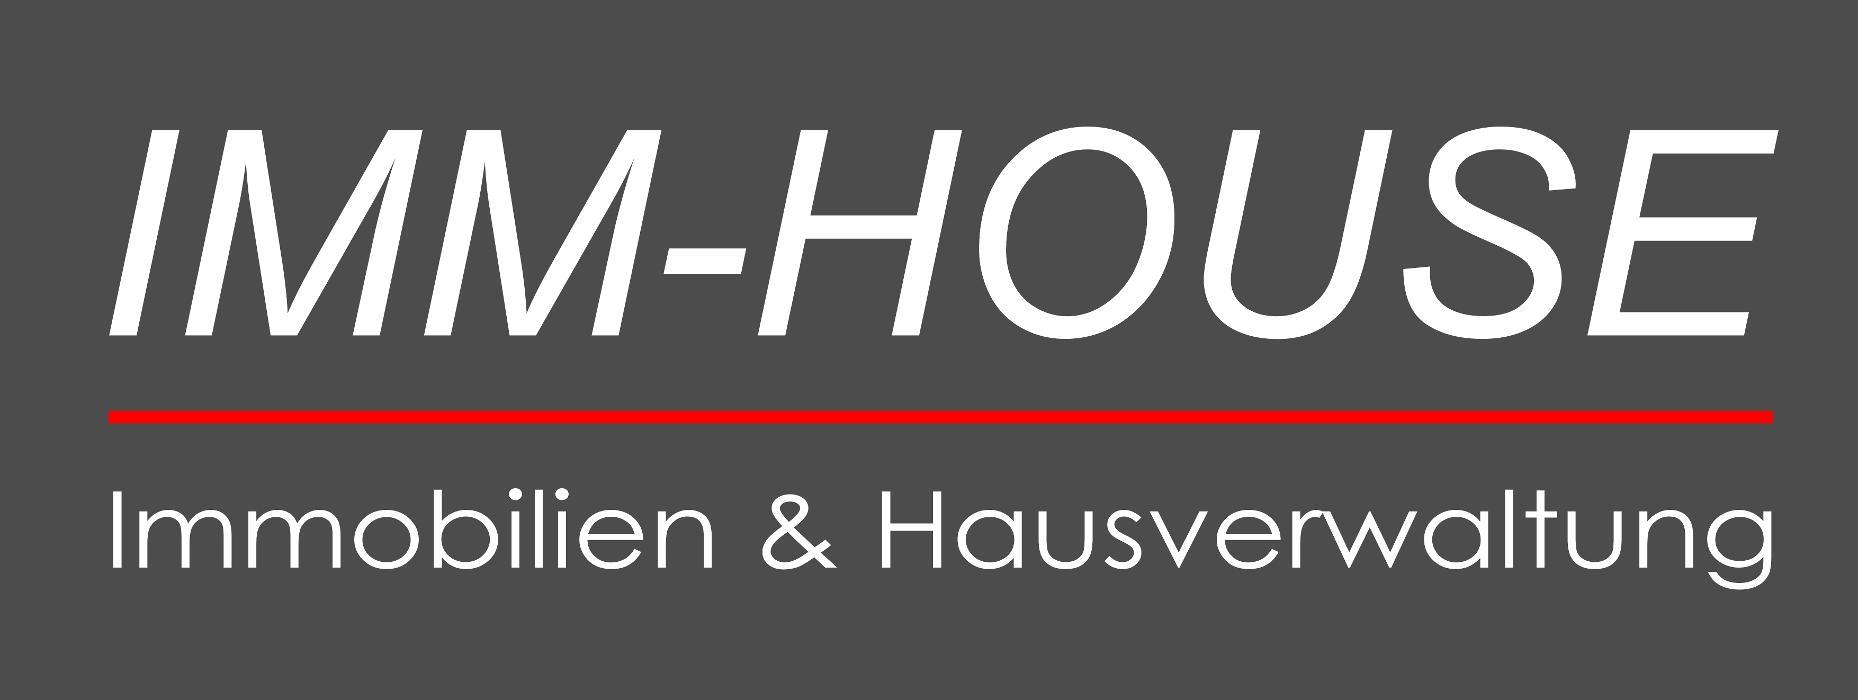 Bild zu IMM-HOUSE Immobilien & Hausverwaltung in Alsbach Hähnlein